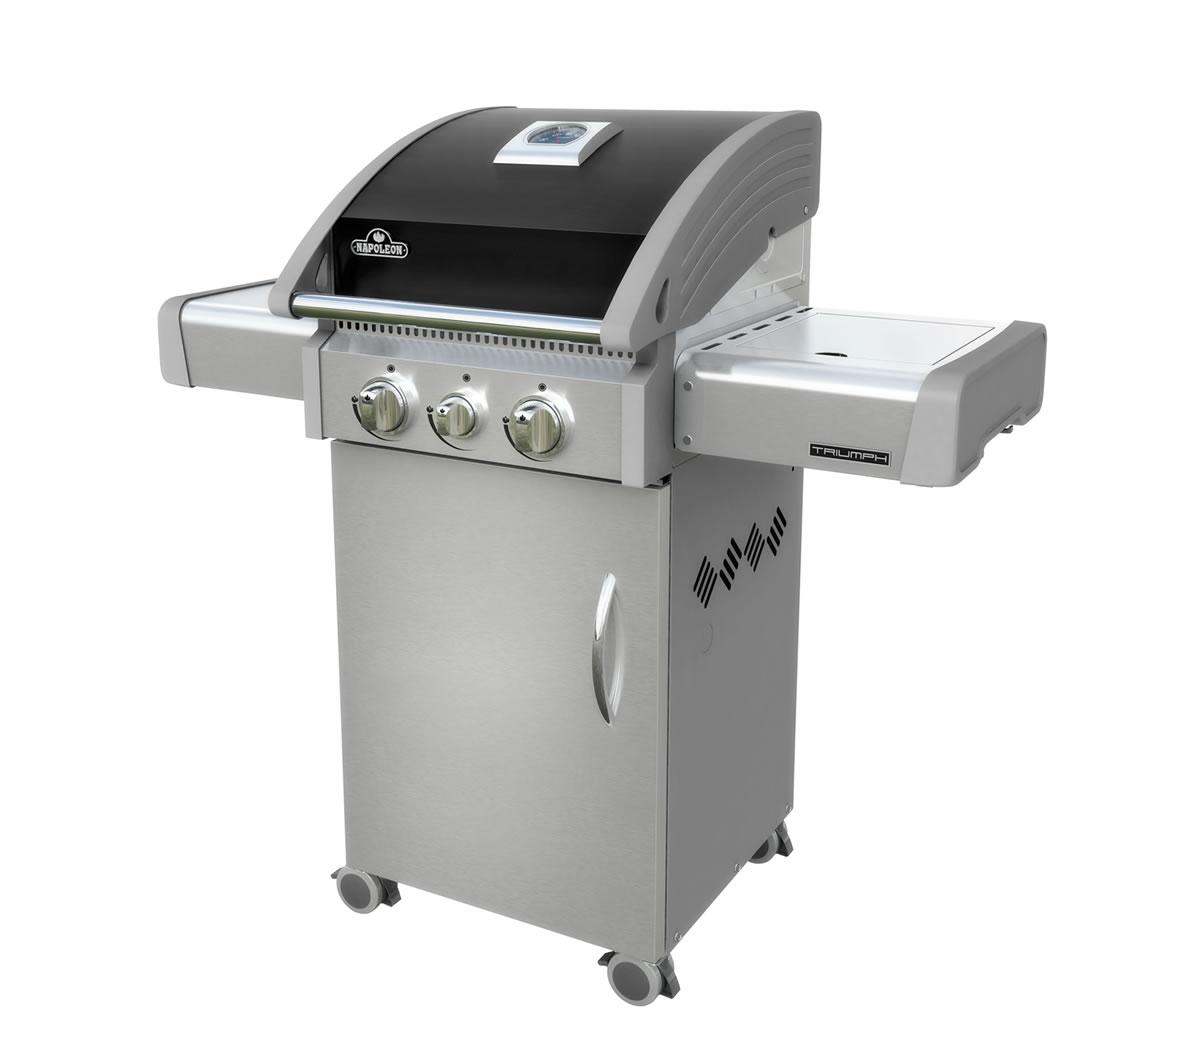 Barbecue NAPOLEON TRIUMPH 325